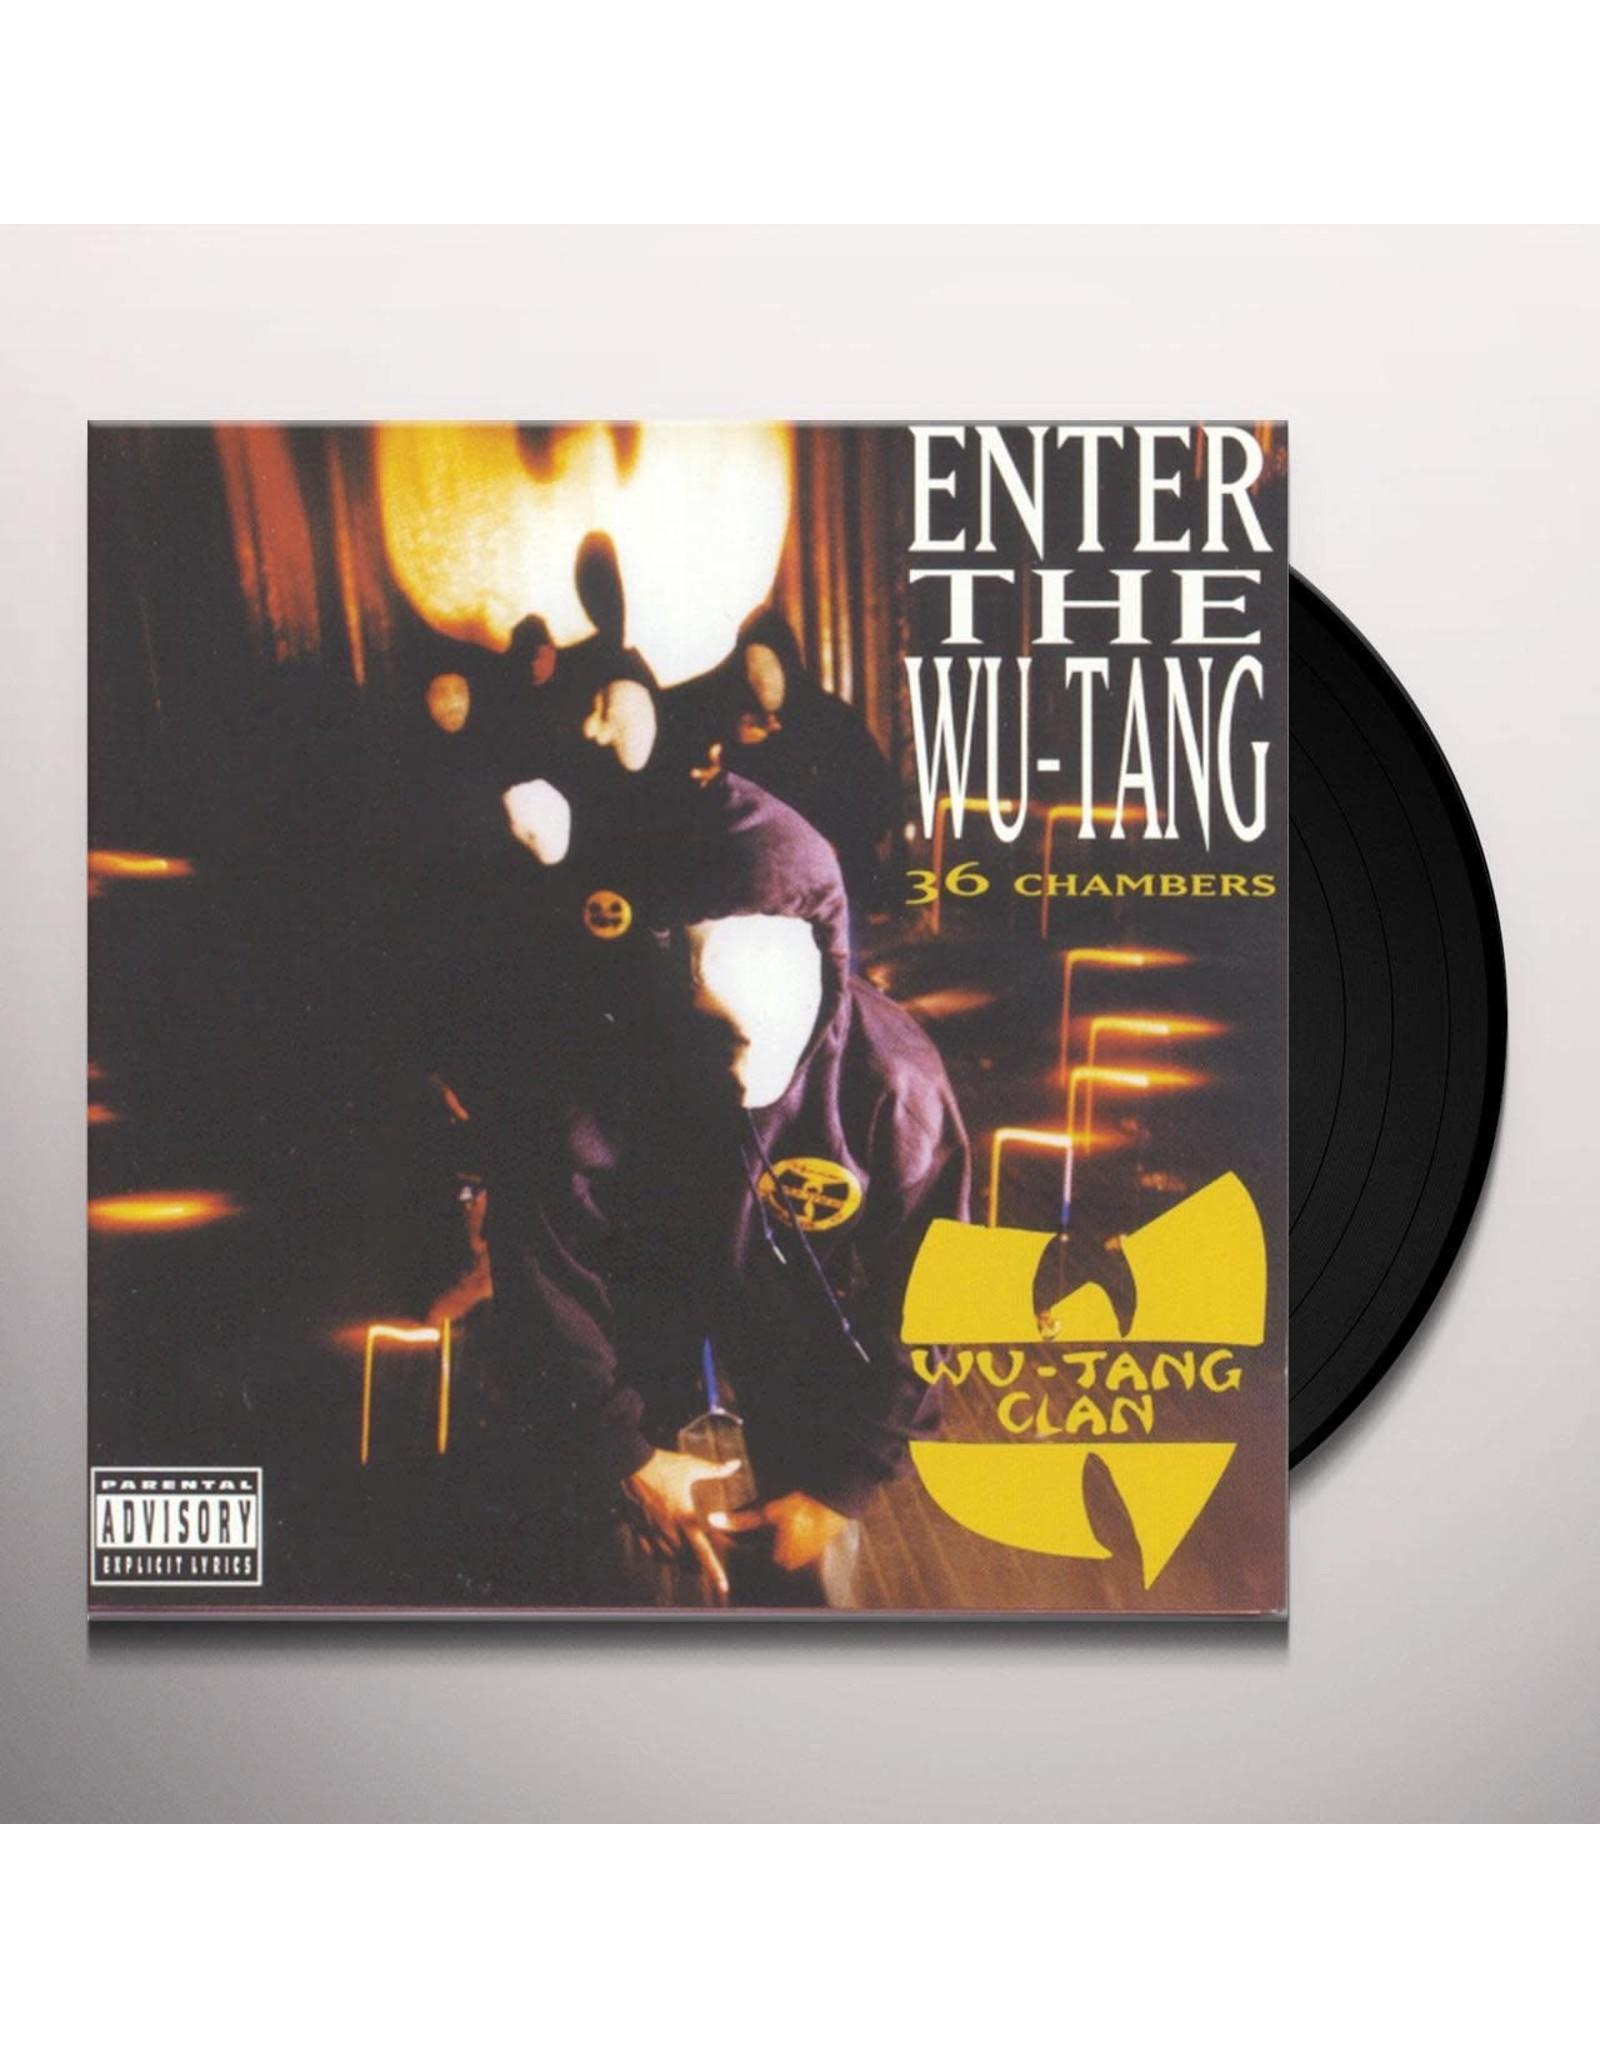 Wu Tang Clan - Enter the Wu-Tang (36 Chambers) LP